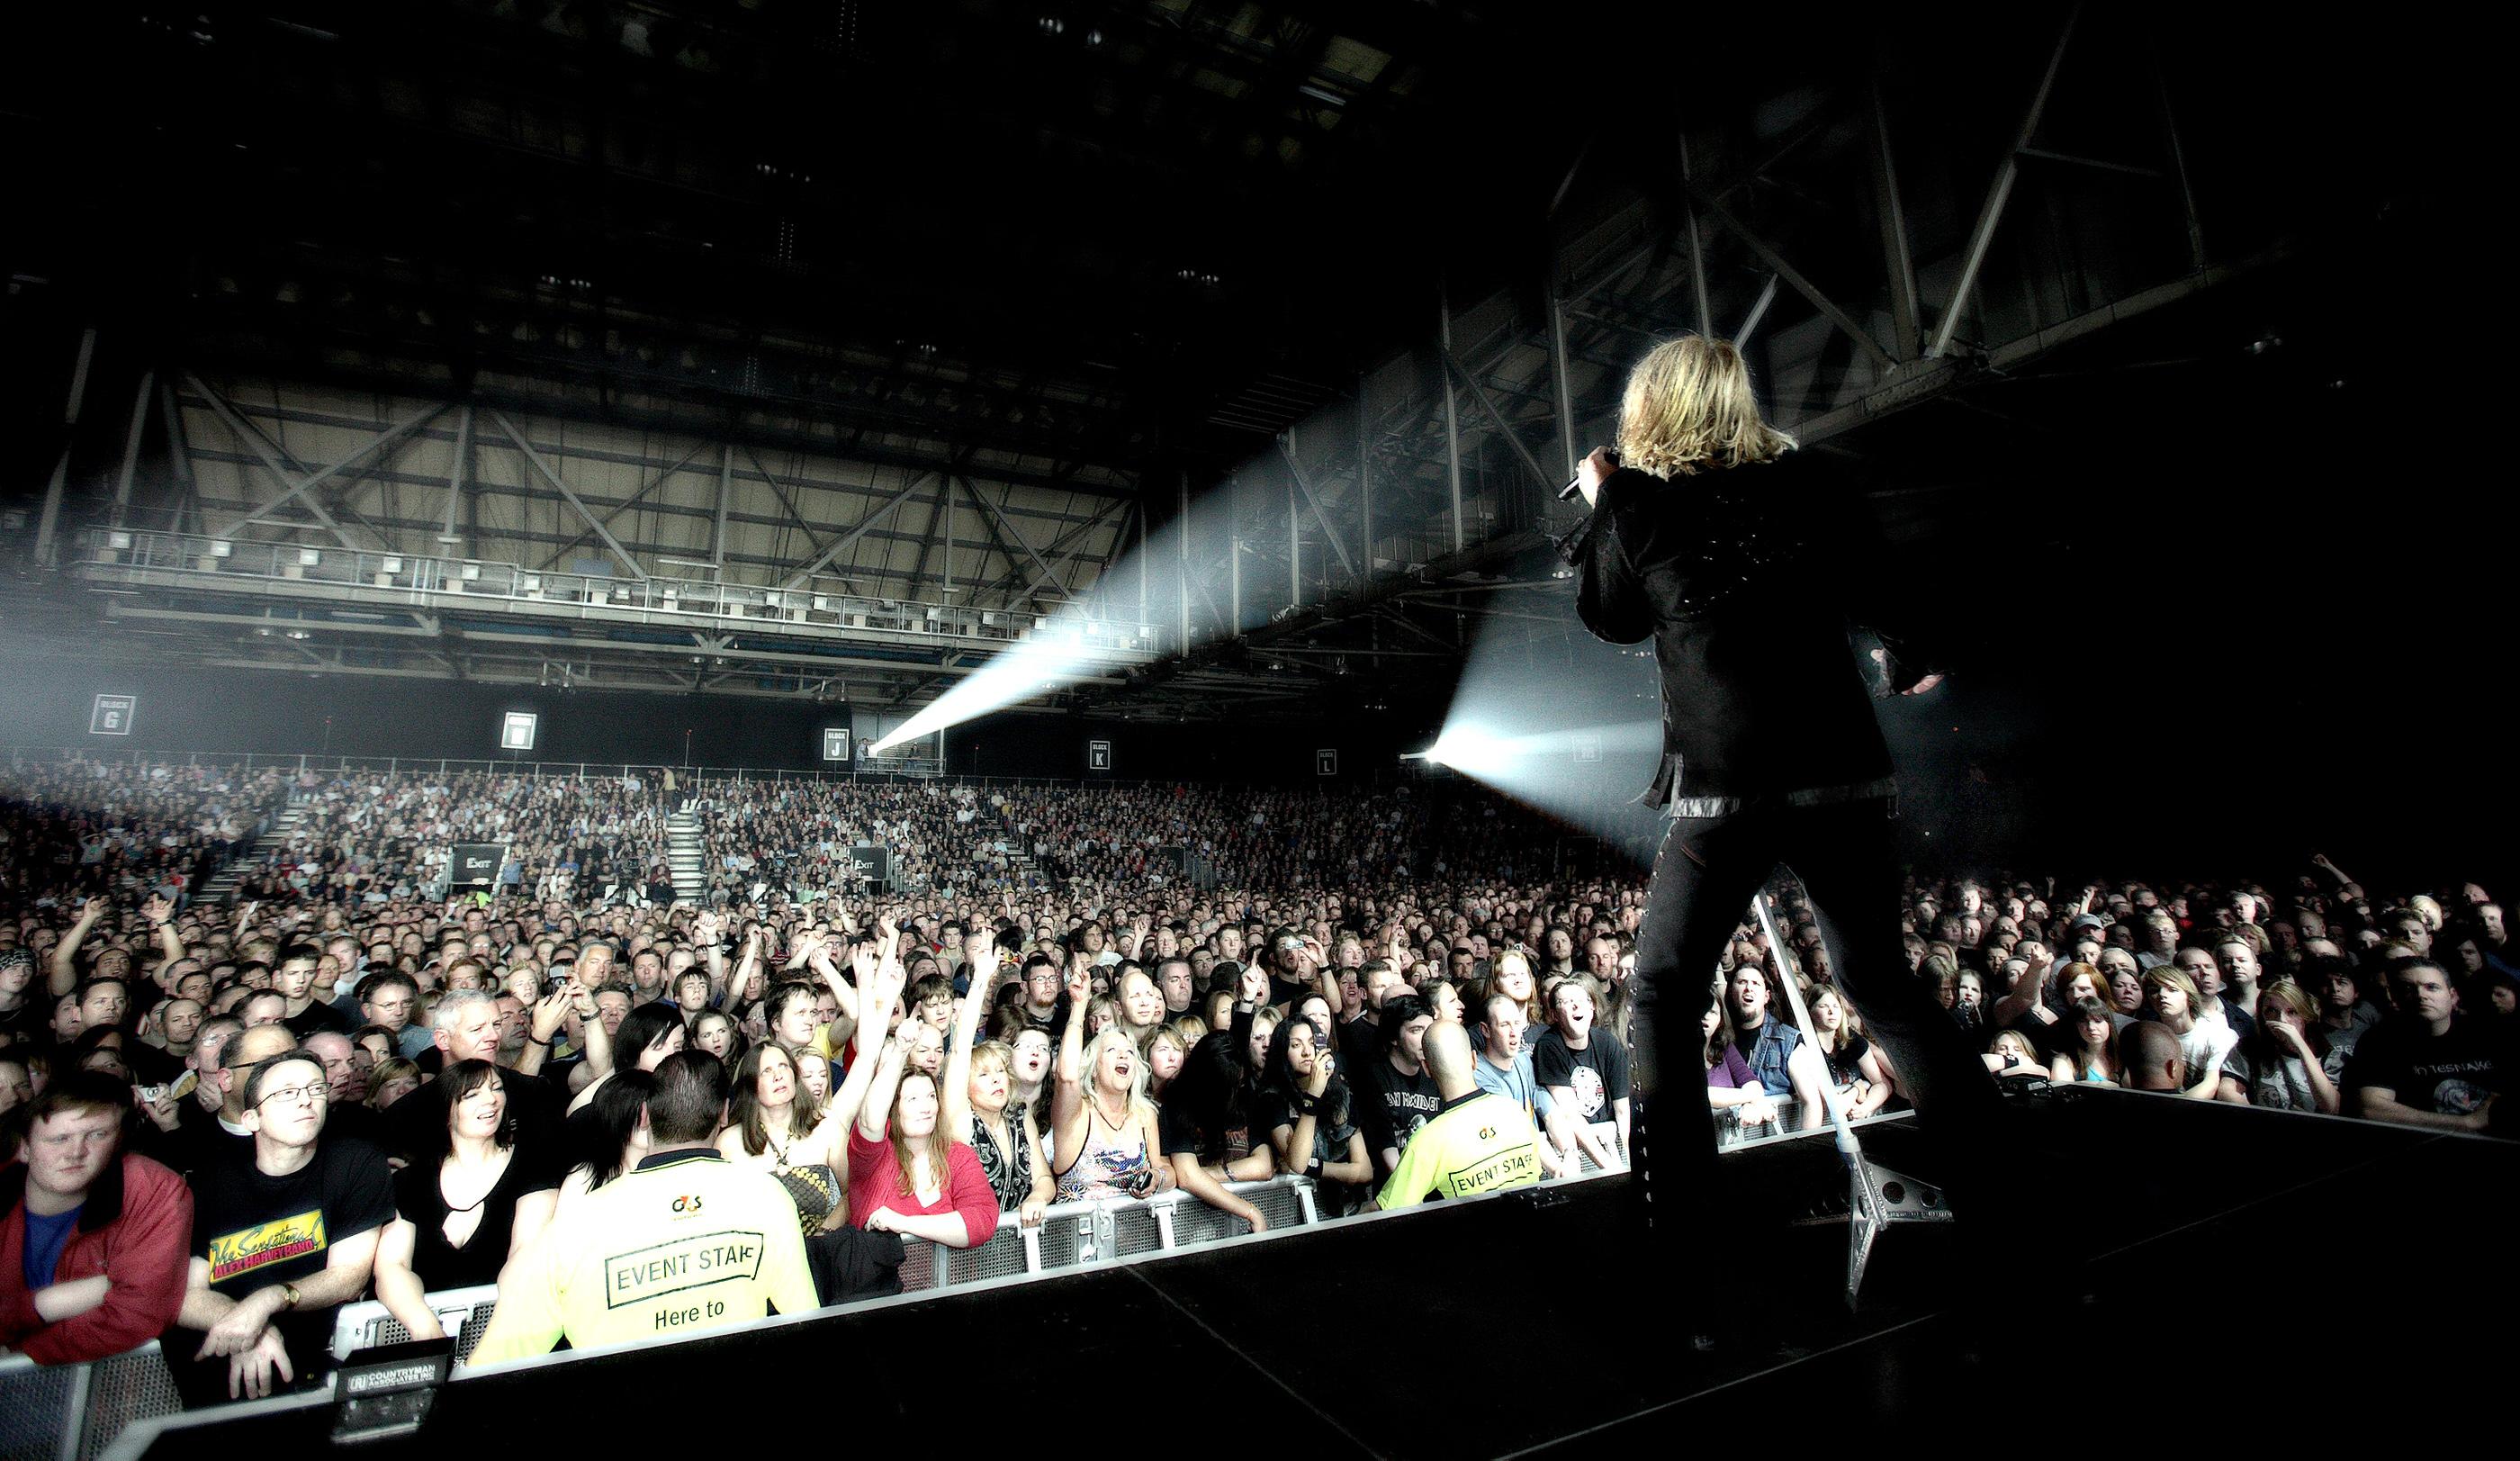 Joe Elliott Def Leppard Glasgow 2008 by Ash Newell